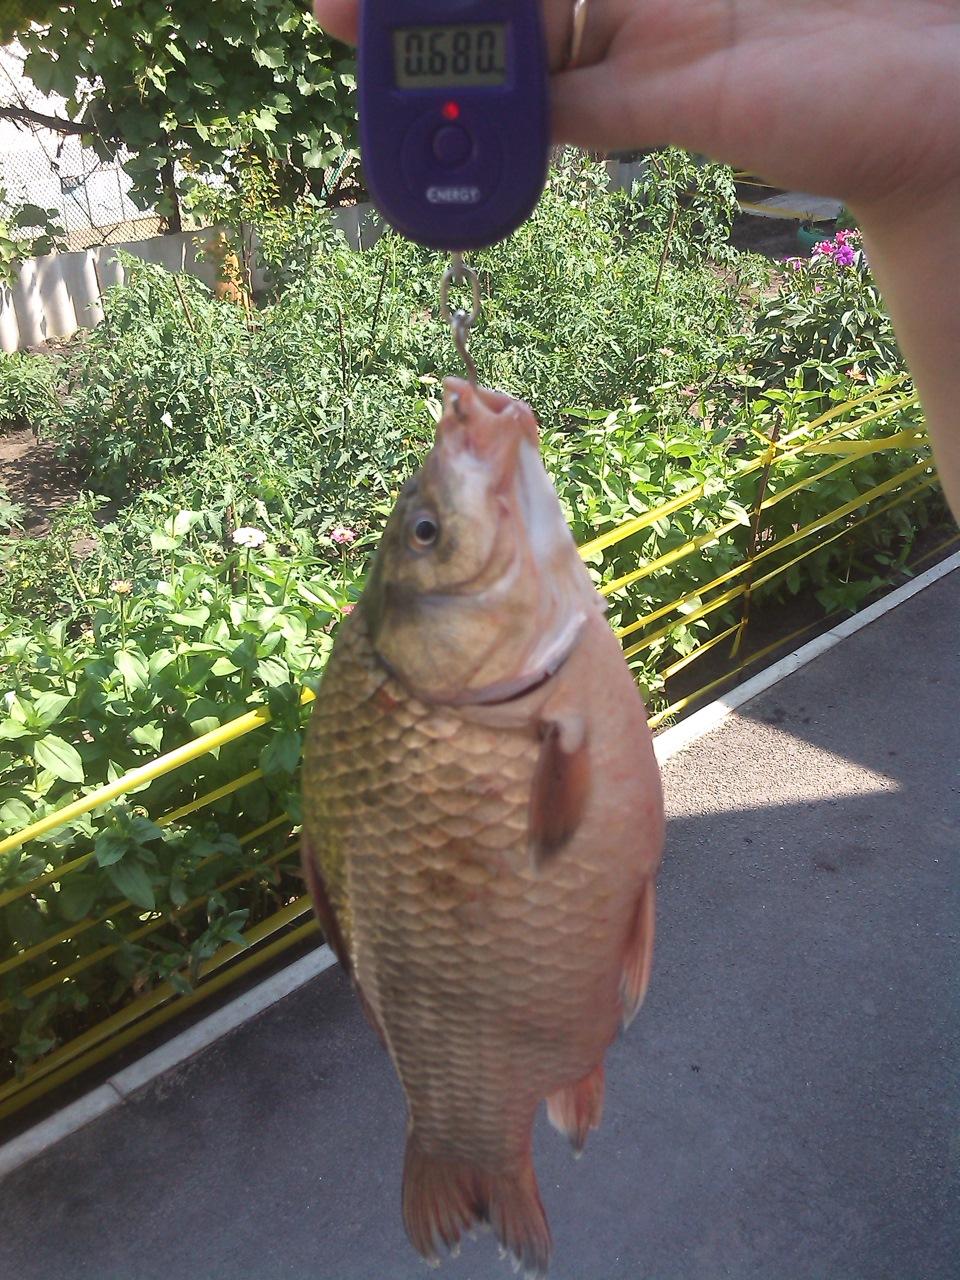 рыбалка на воронежском водохранилище картинки растрескивания кракелюр-лака образовавшихся